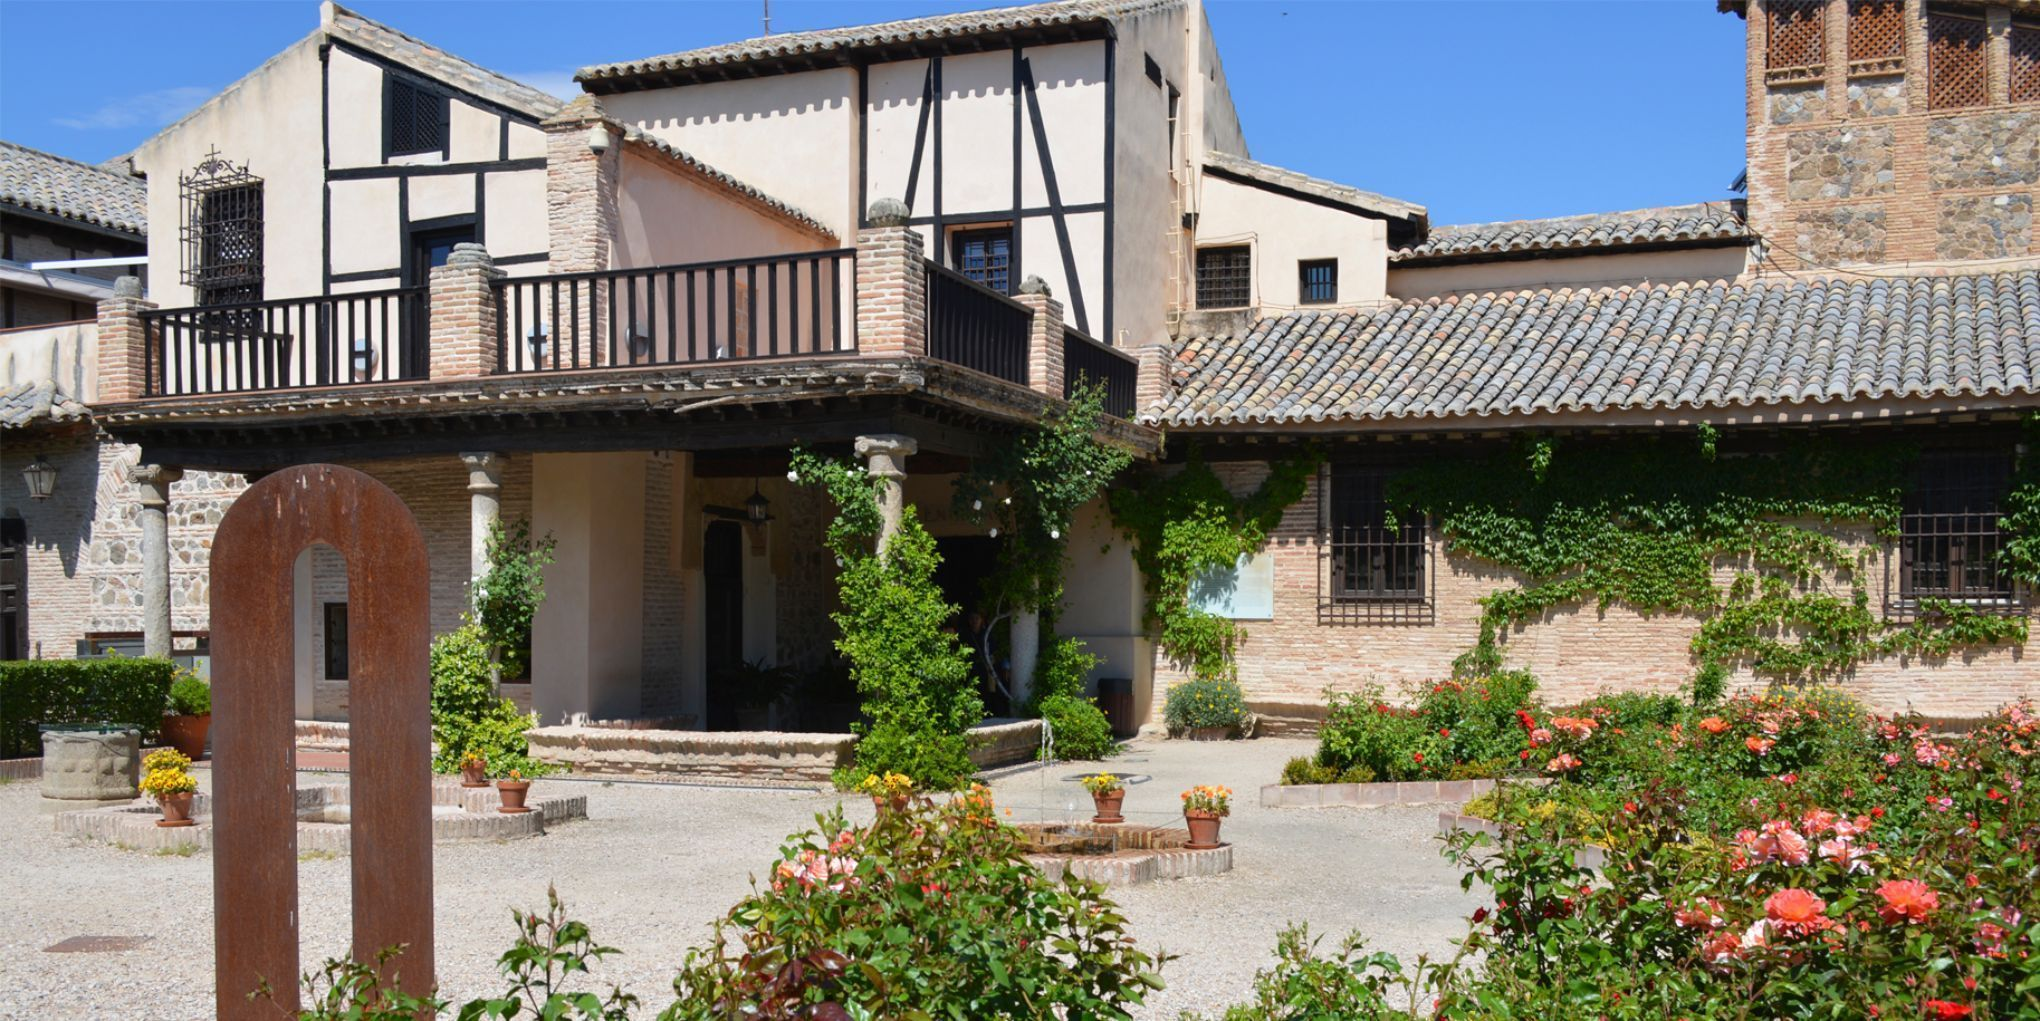 Los vecinos de Alcorcón podemos vivir la cultura y el arte gratis hasta el 30 de septiembre